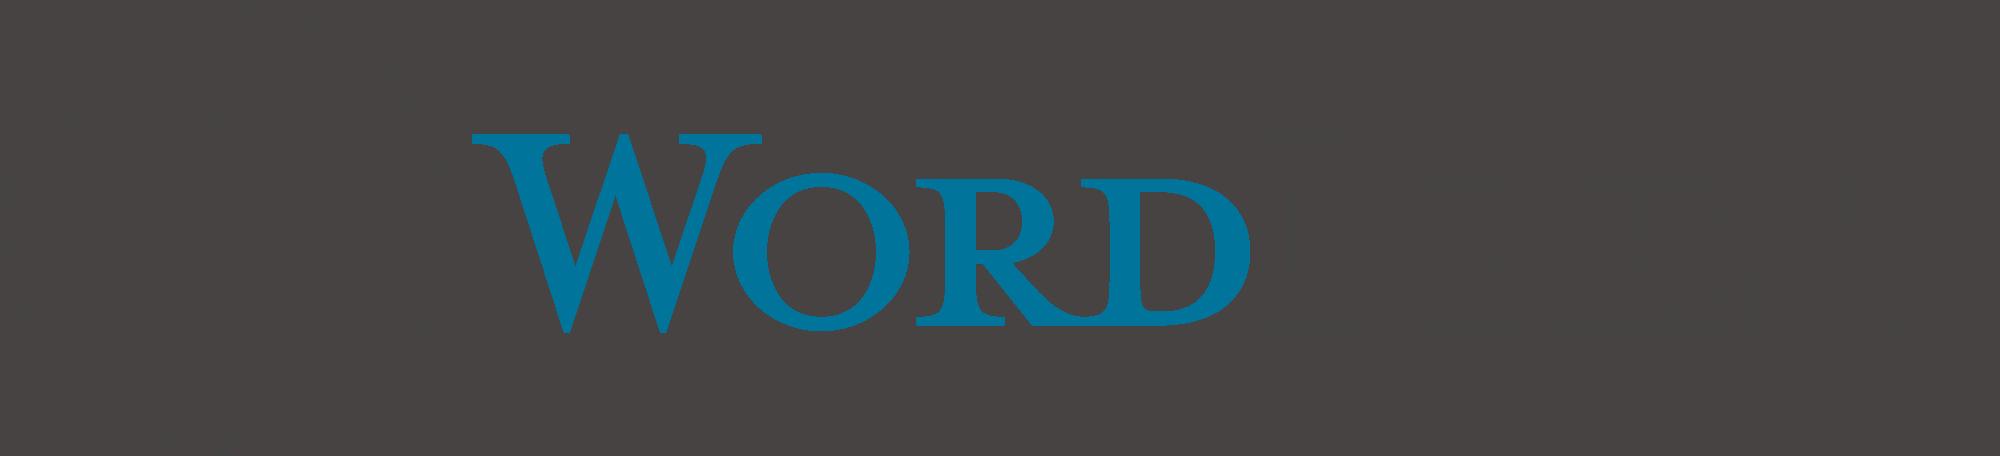 τι ειναι το wordpress